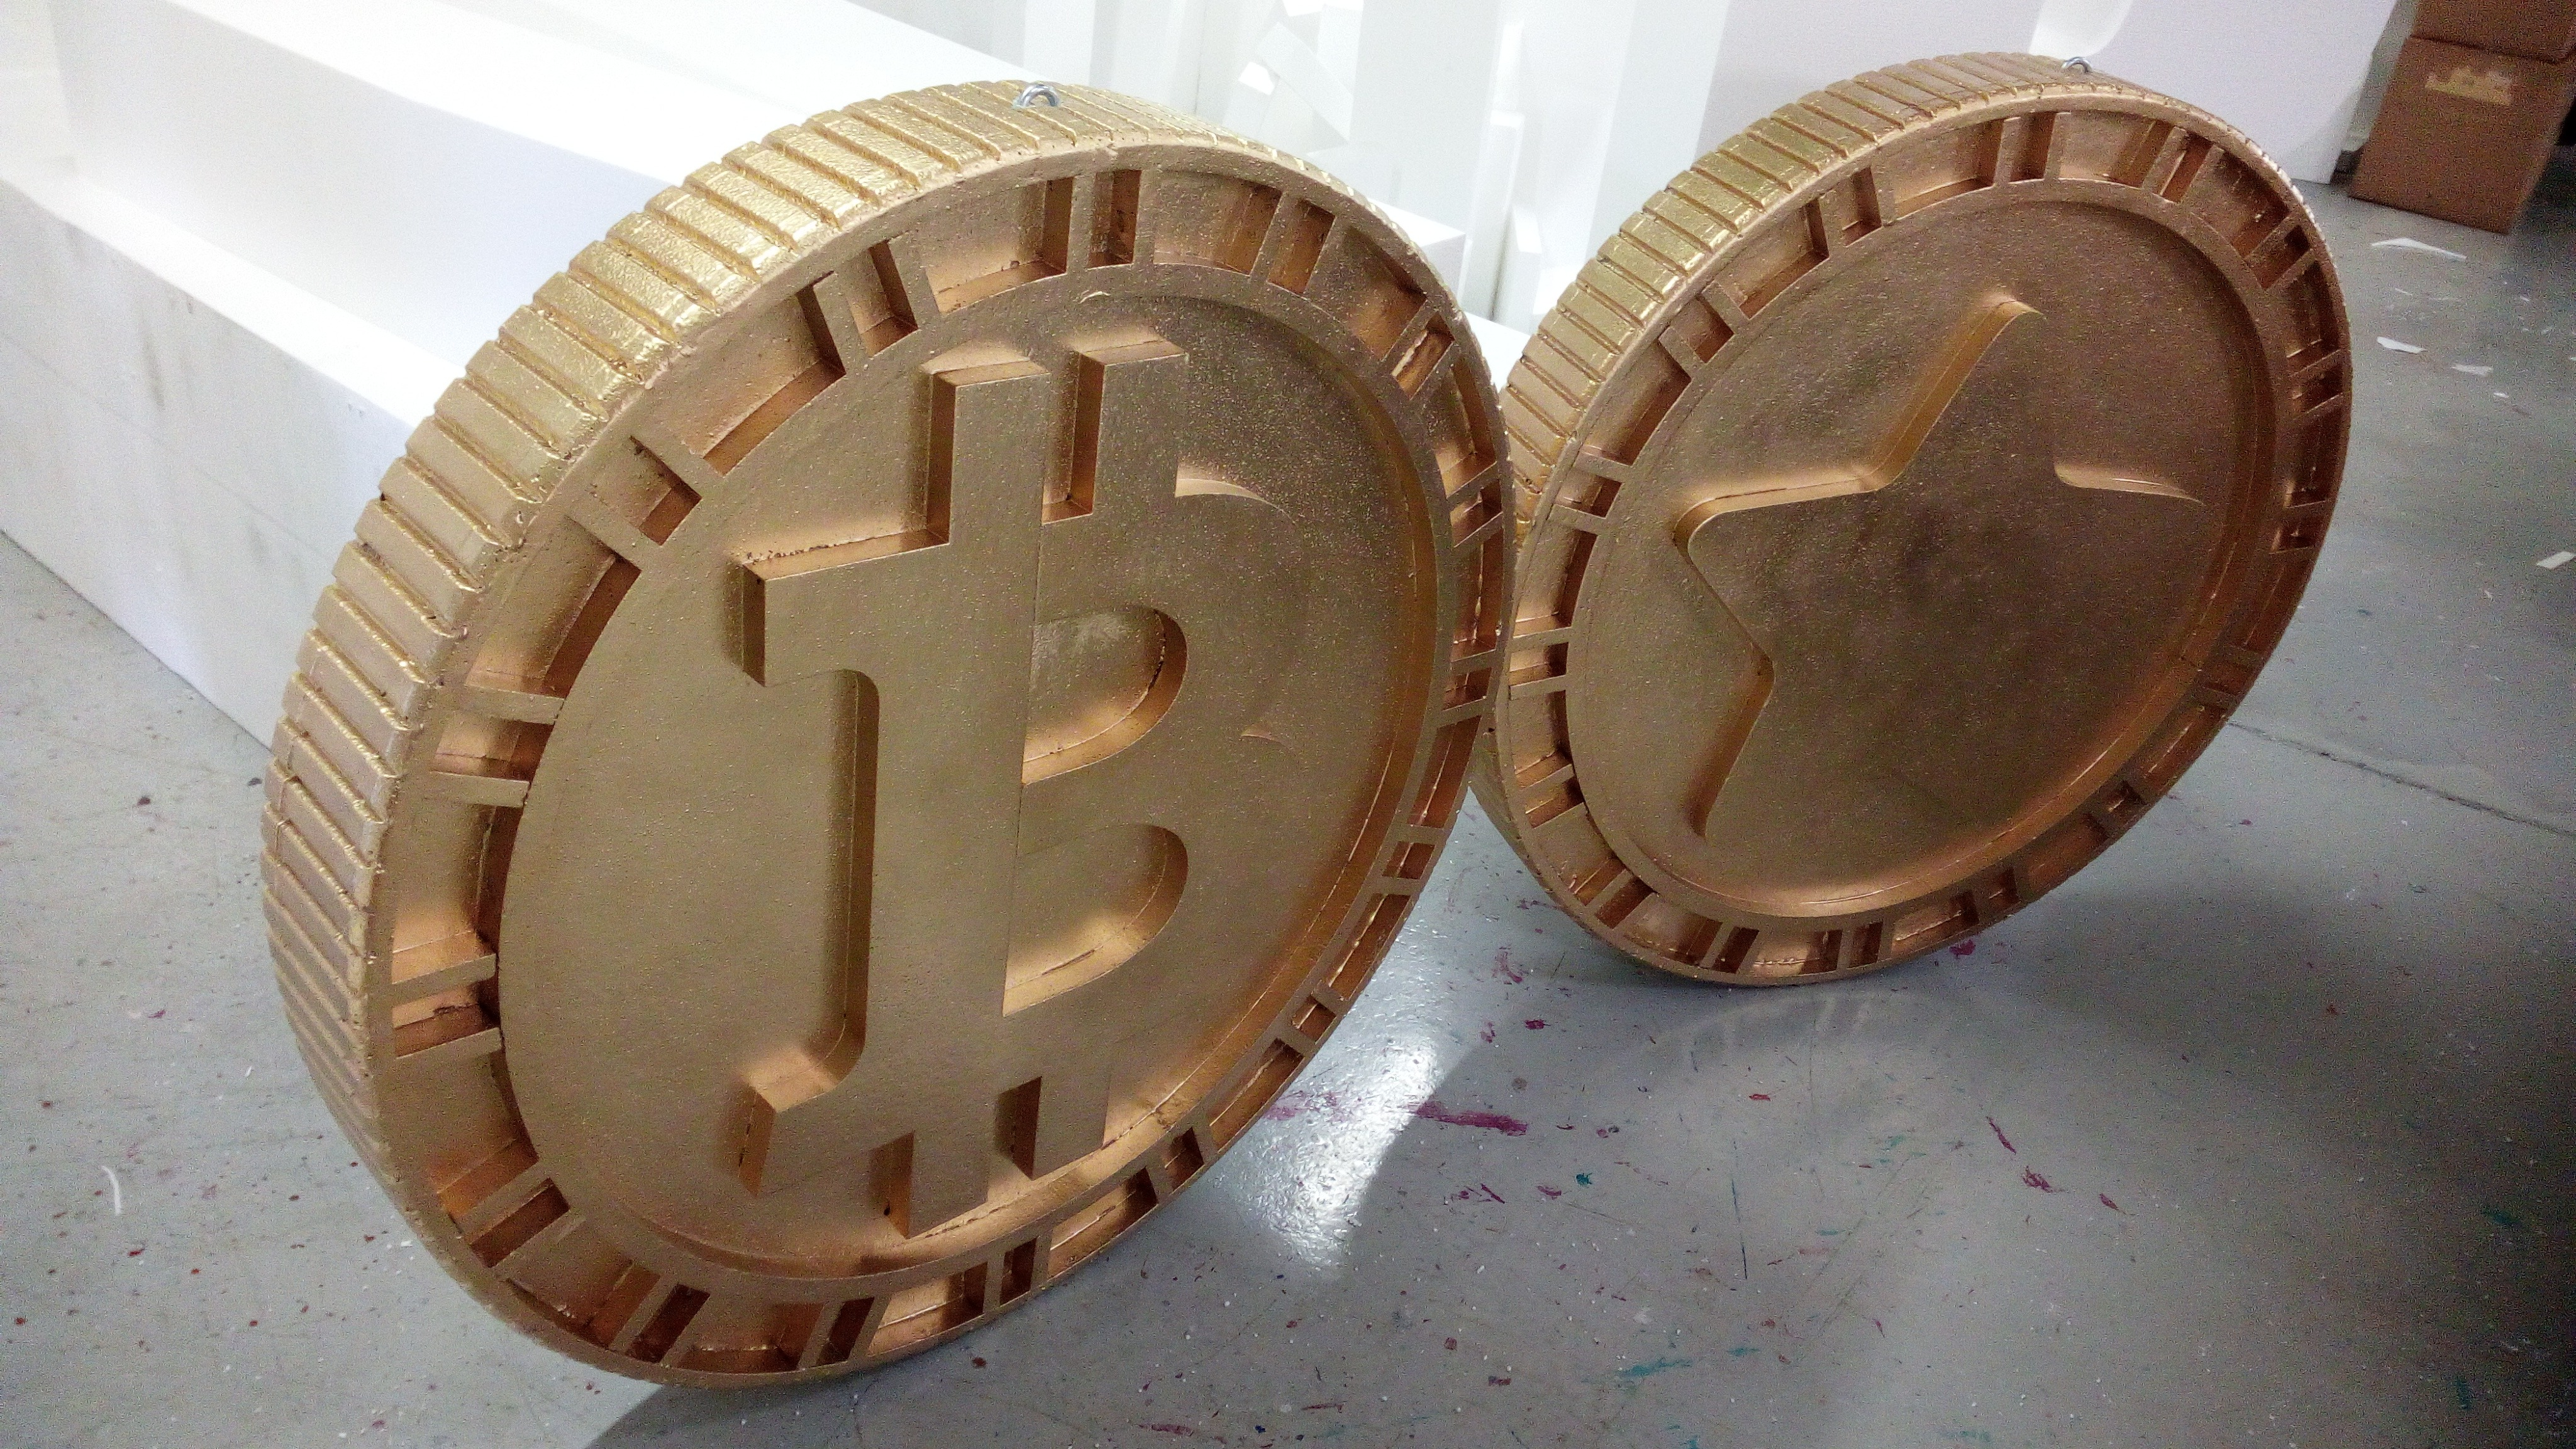 Huge Bitcoin Props